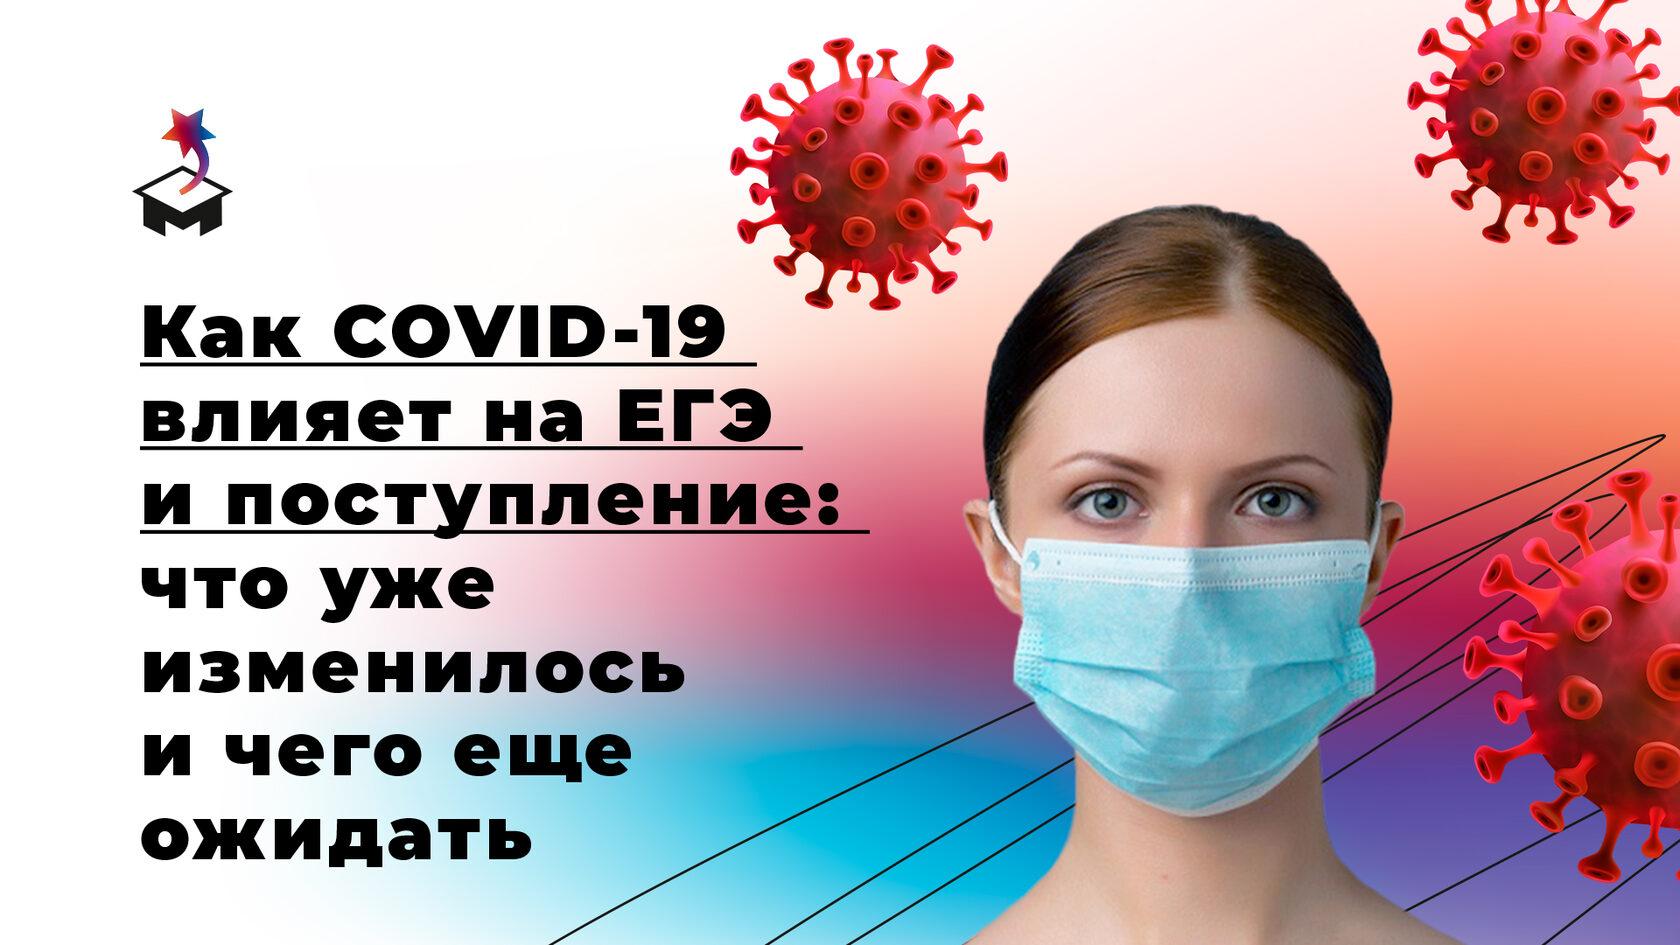 Девушка в медицинской маске